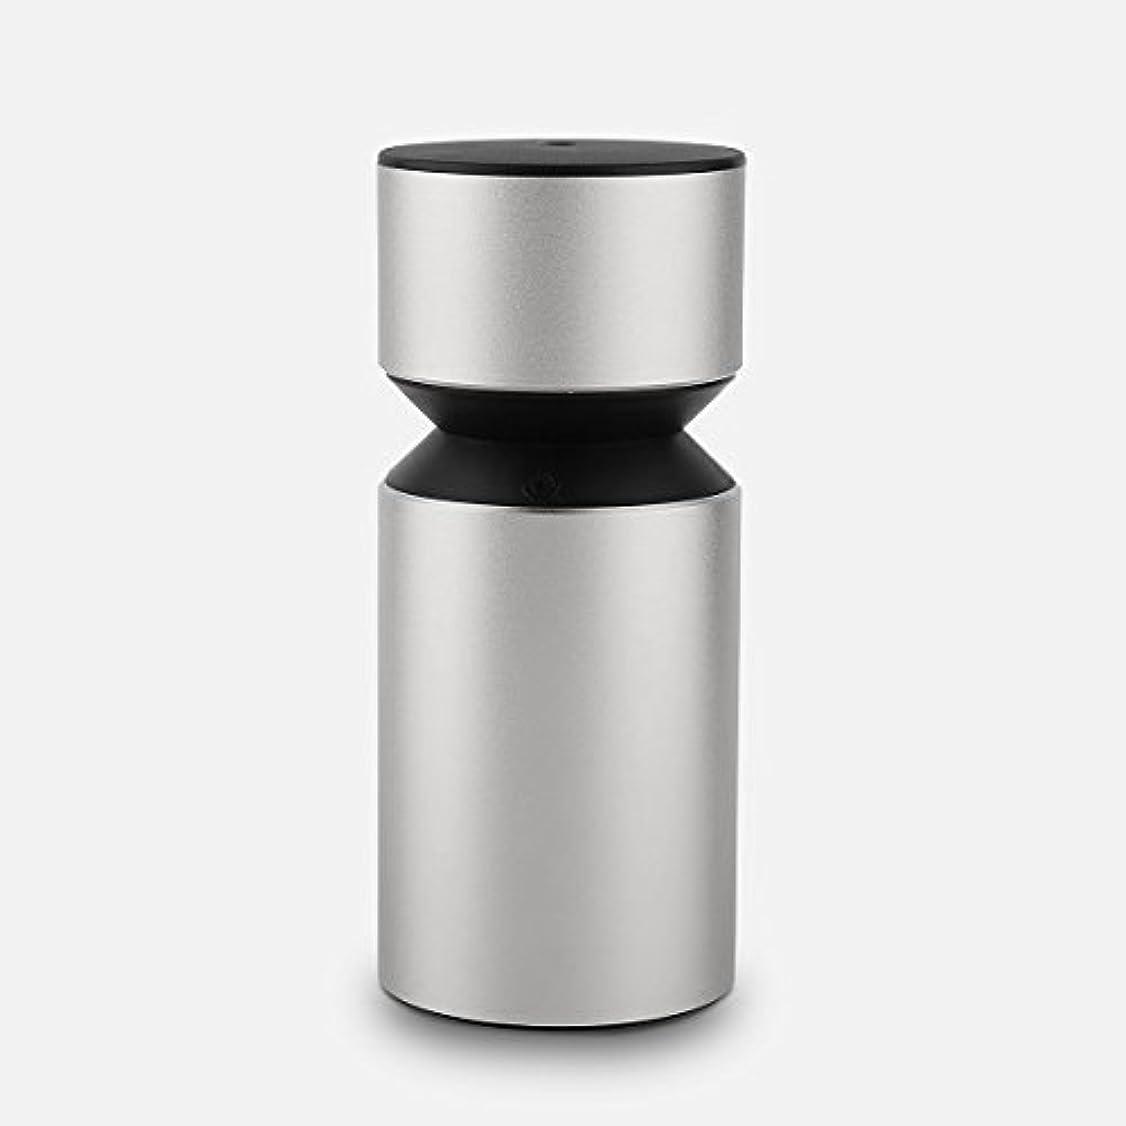 高尚な香港うまれたBbymieポータブルアロマテラピー純粋なエッセンシャルオイルディフューザーは車/旅行/オフィス/リビングルーム - 空気フレッシュ - ユニークなデザインは安全に使用する - Bpaフリー